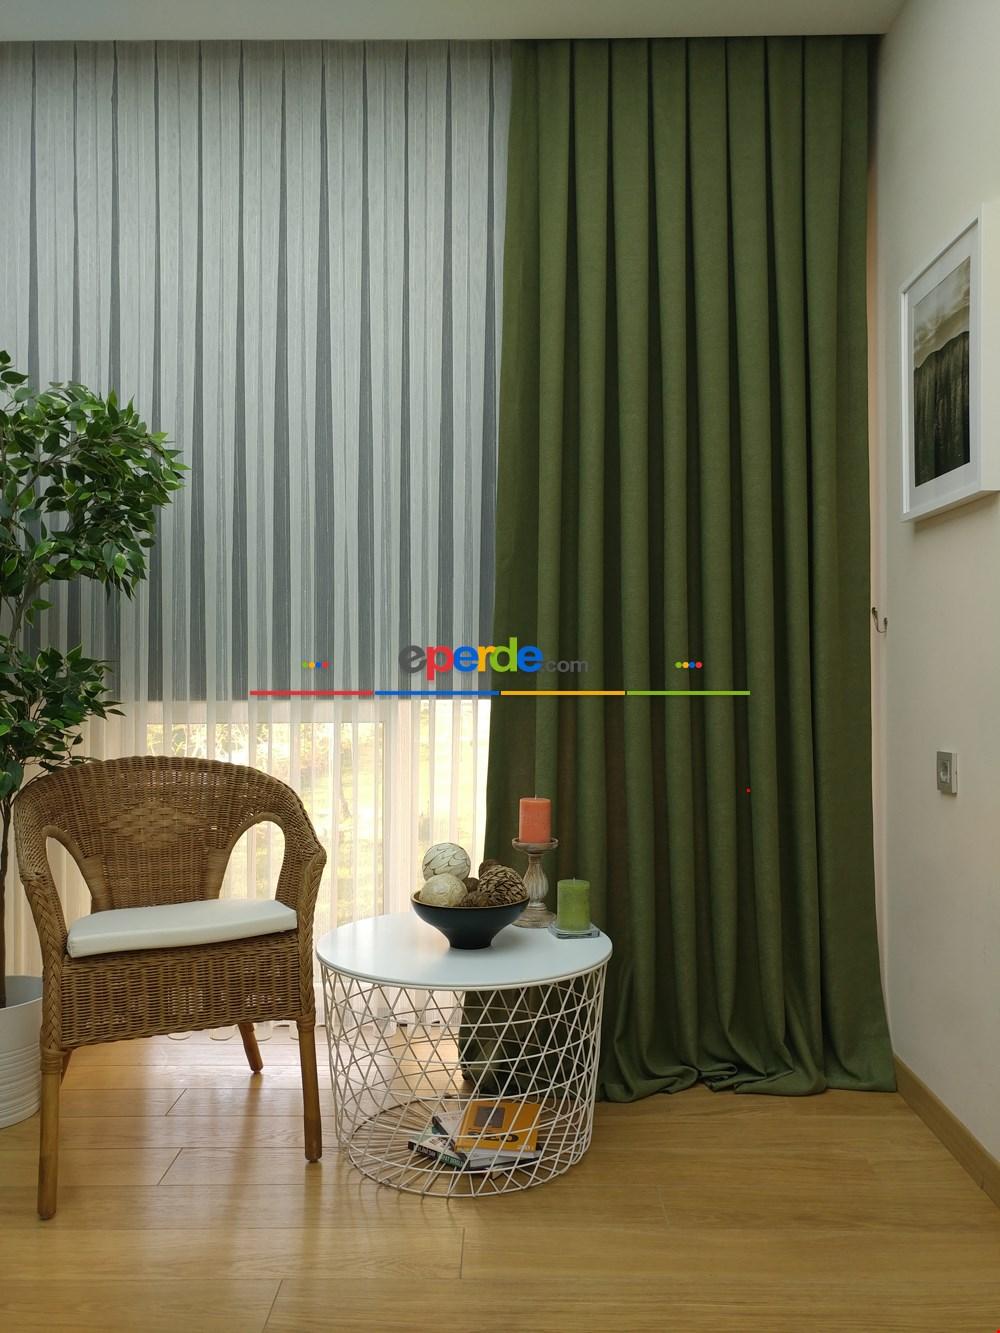 Koyu Yeşil - Düz Fon Perde ( En 180cm Dökümlü Fon Perde)